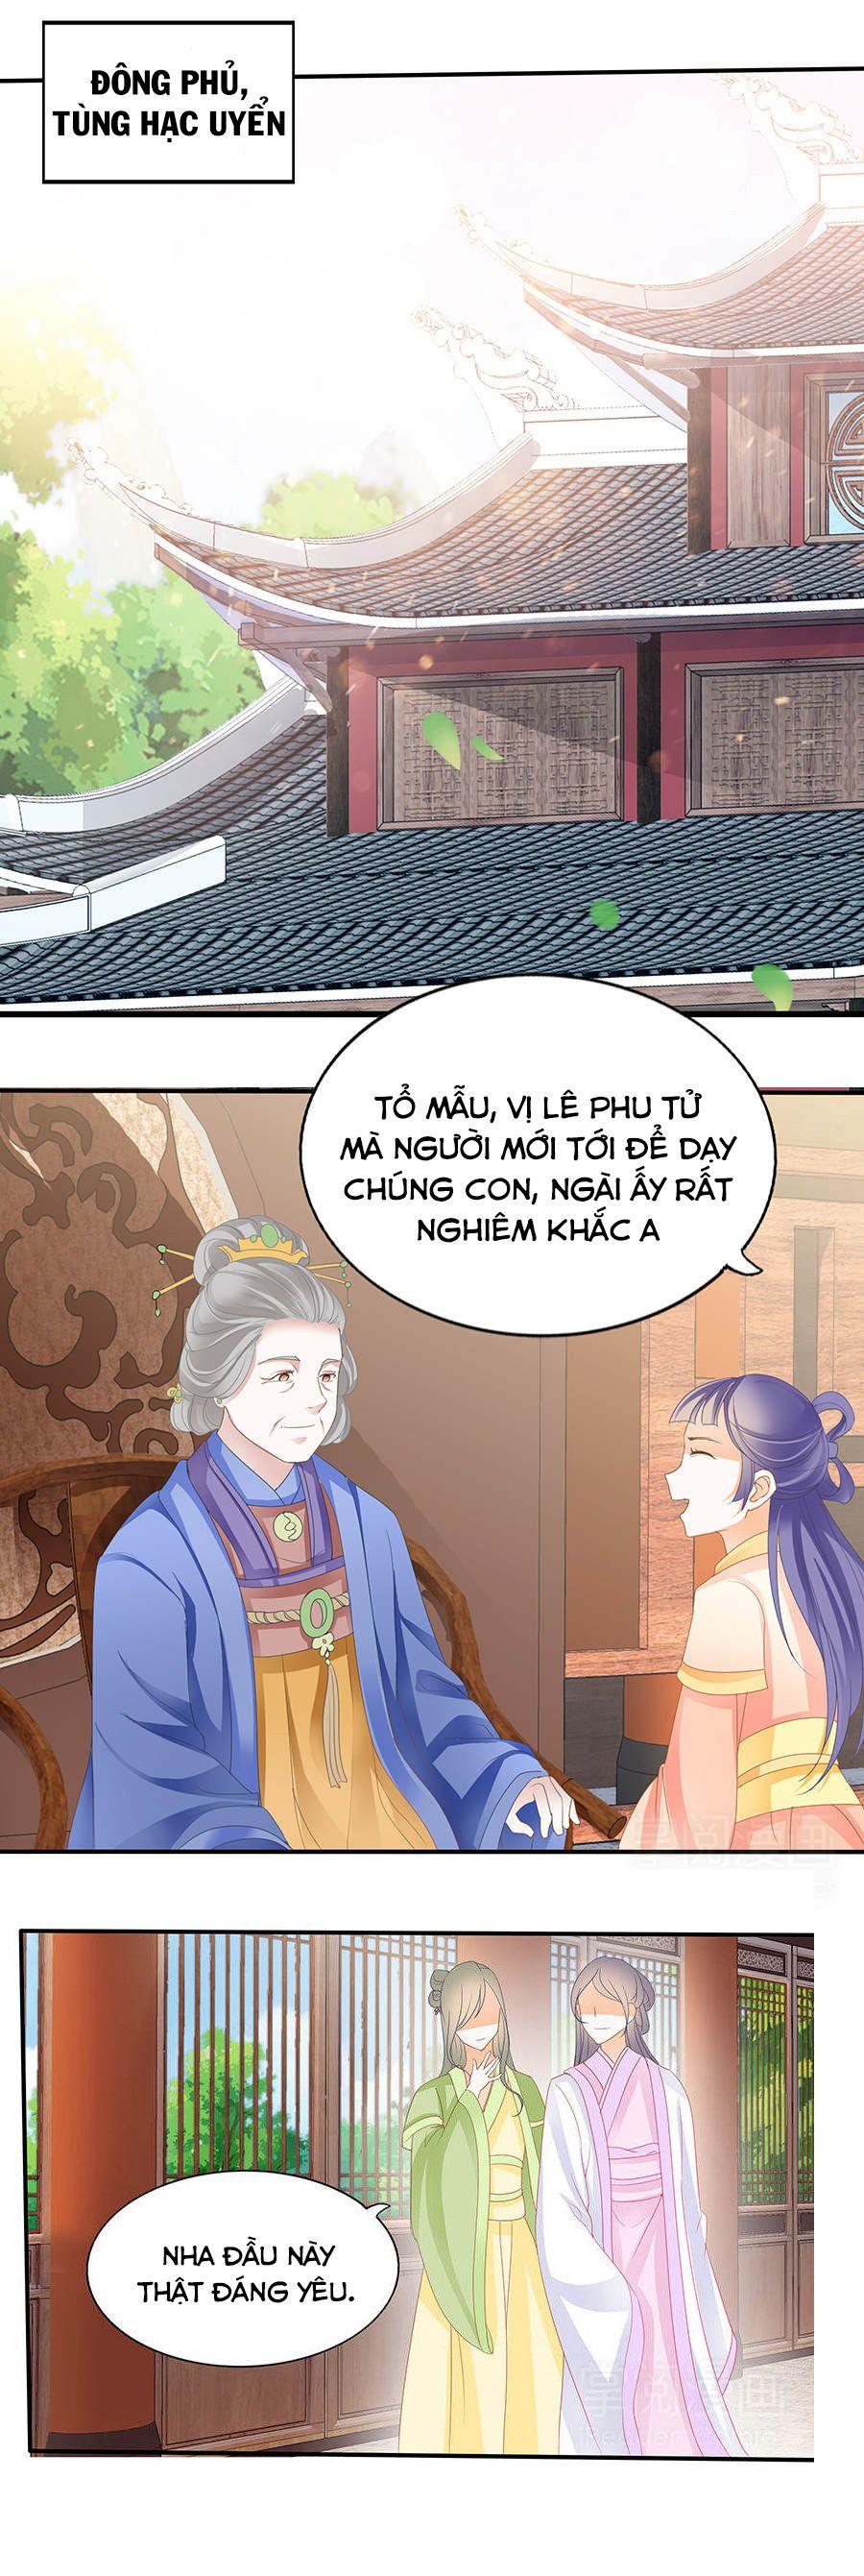 Vương Phi Lại Hạ Độc Rồi - Chap 9